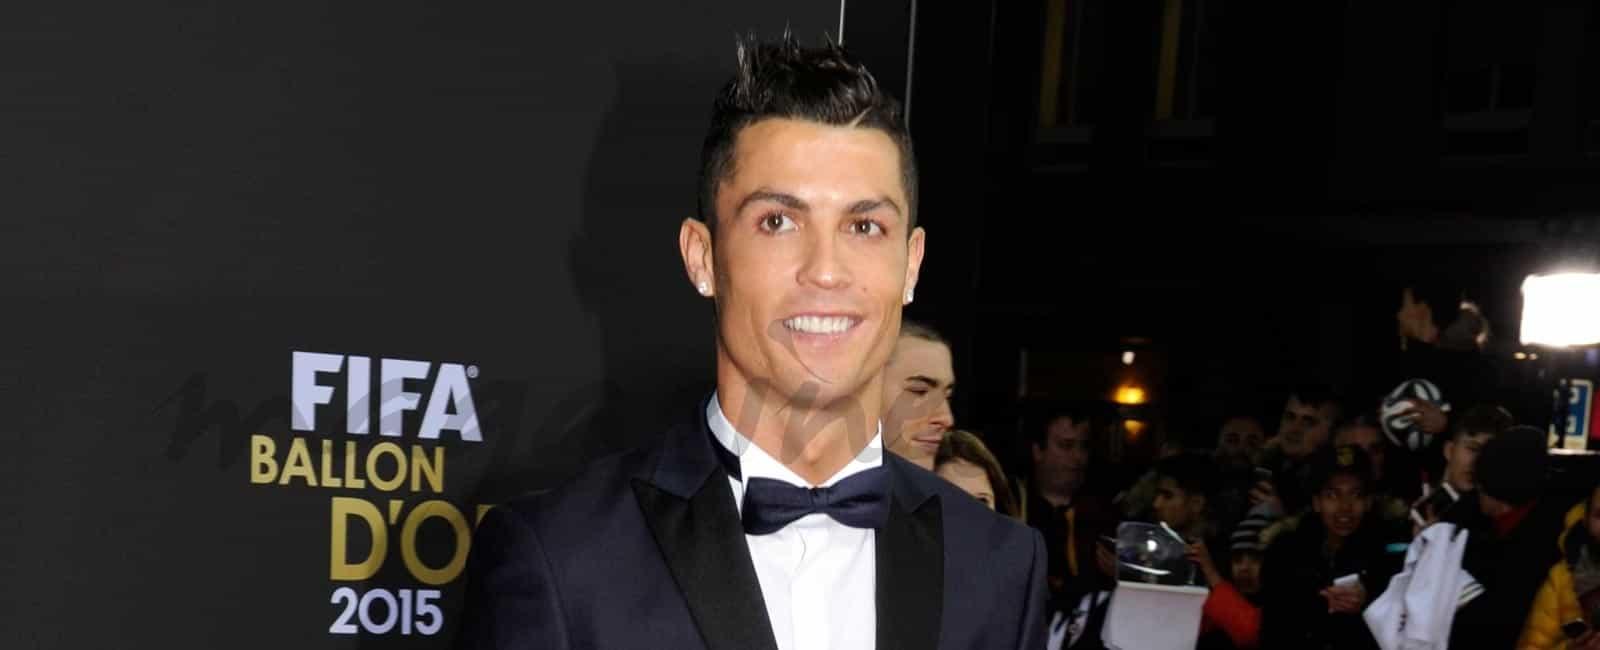 Cristiano Ronaldo, el futbolista con mayores ganancias del mundo en 2015